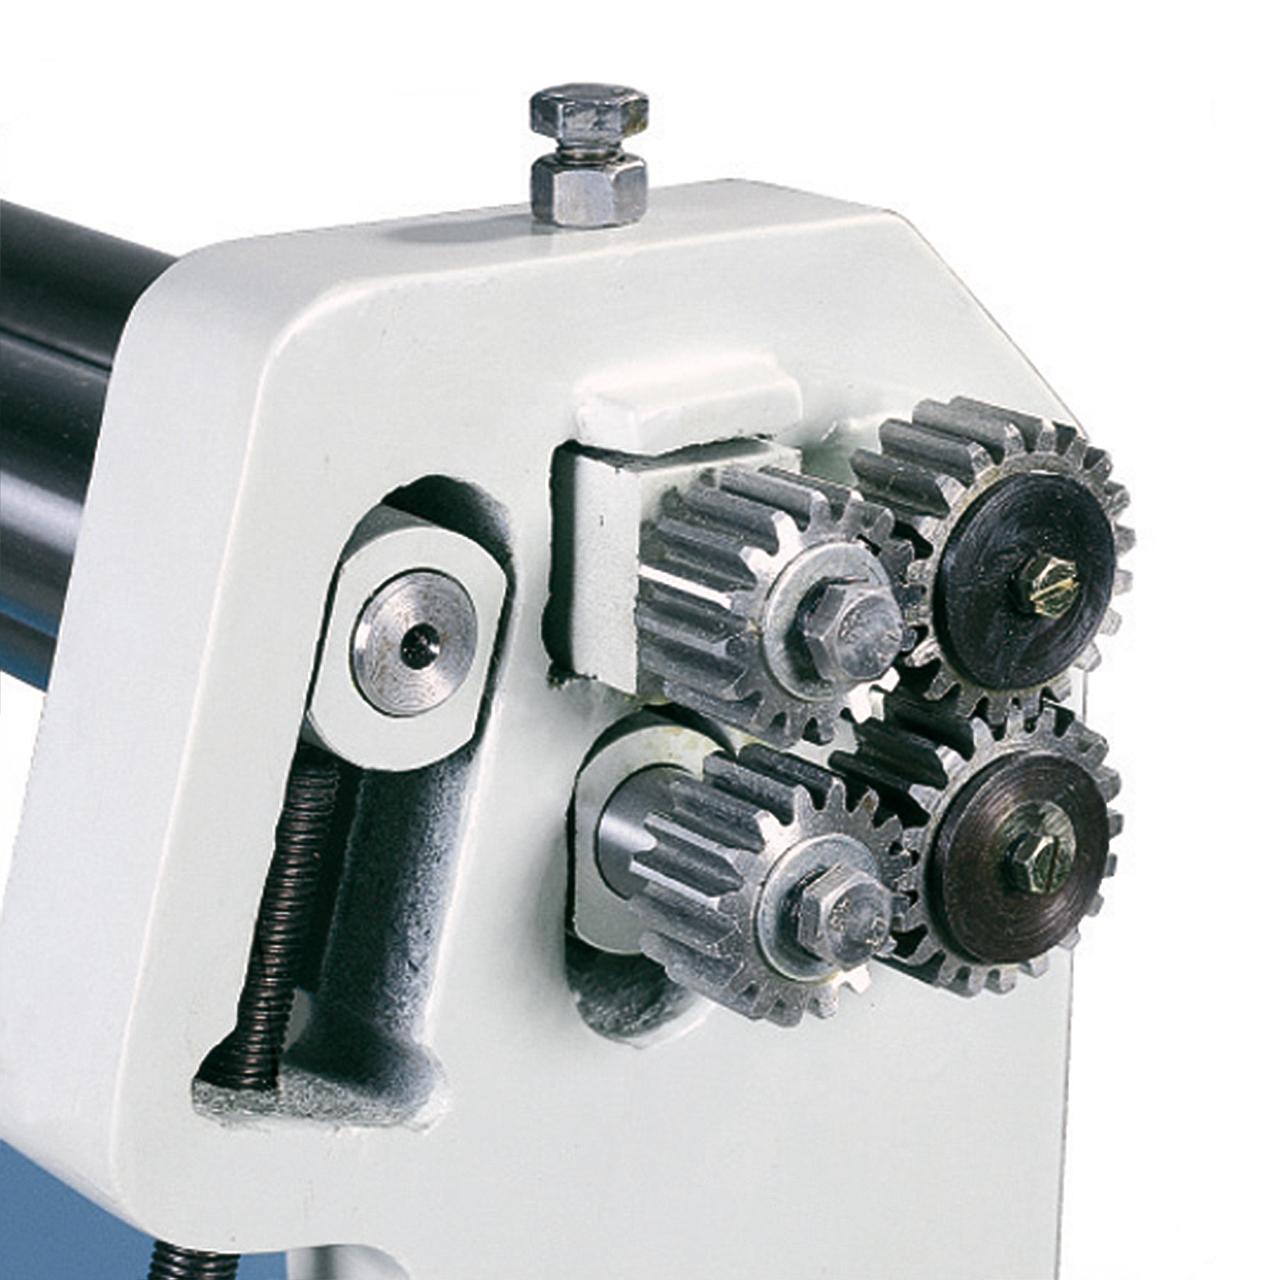 Der Antrieb der Biegewalzen erfolgt über ein massives Zahnradgetriebe.